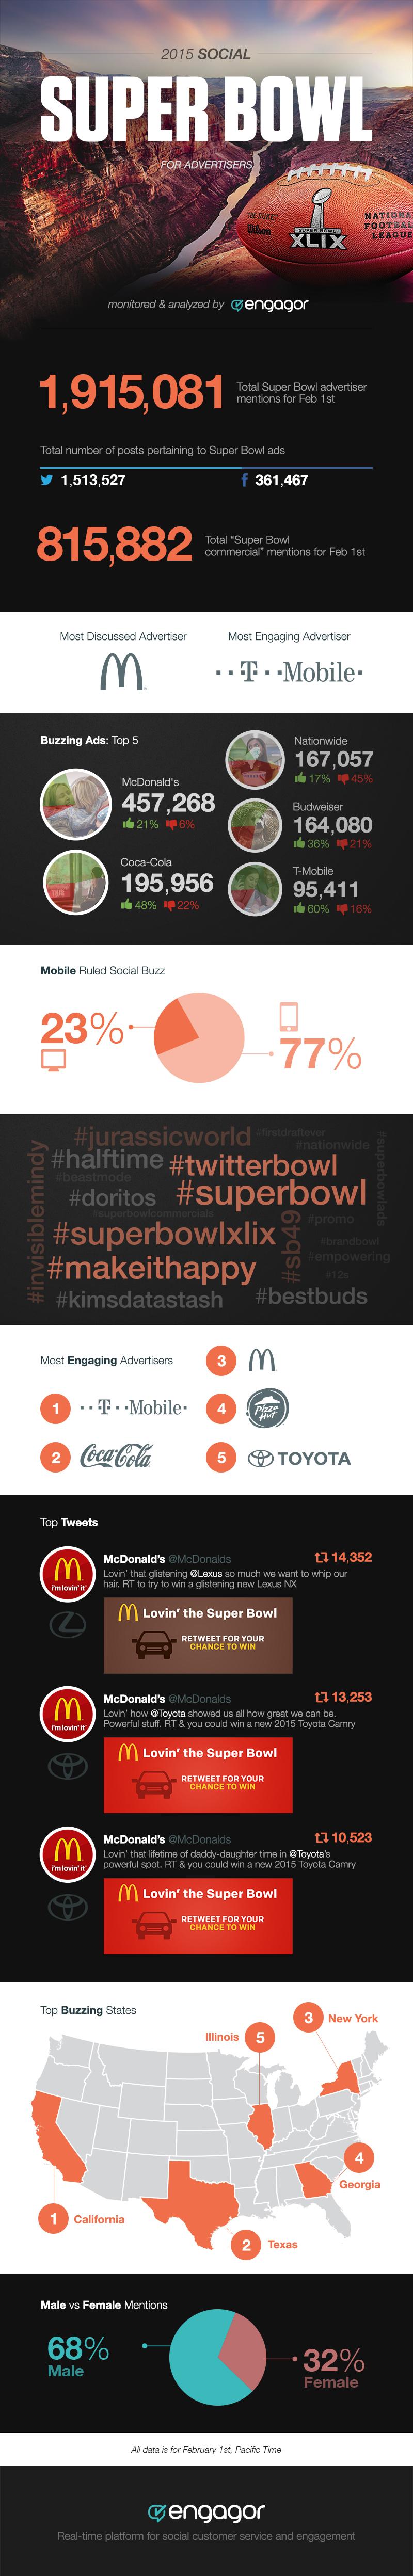 Social Super Bowl 2015